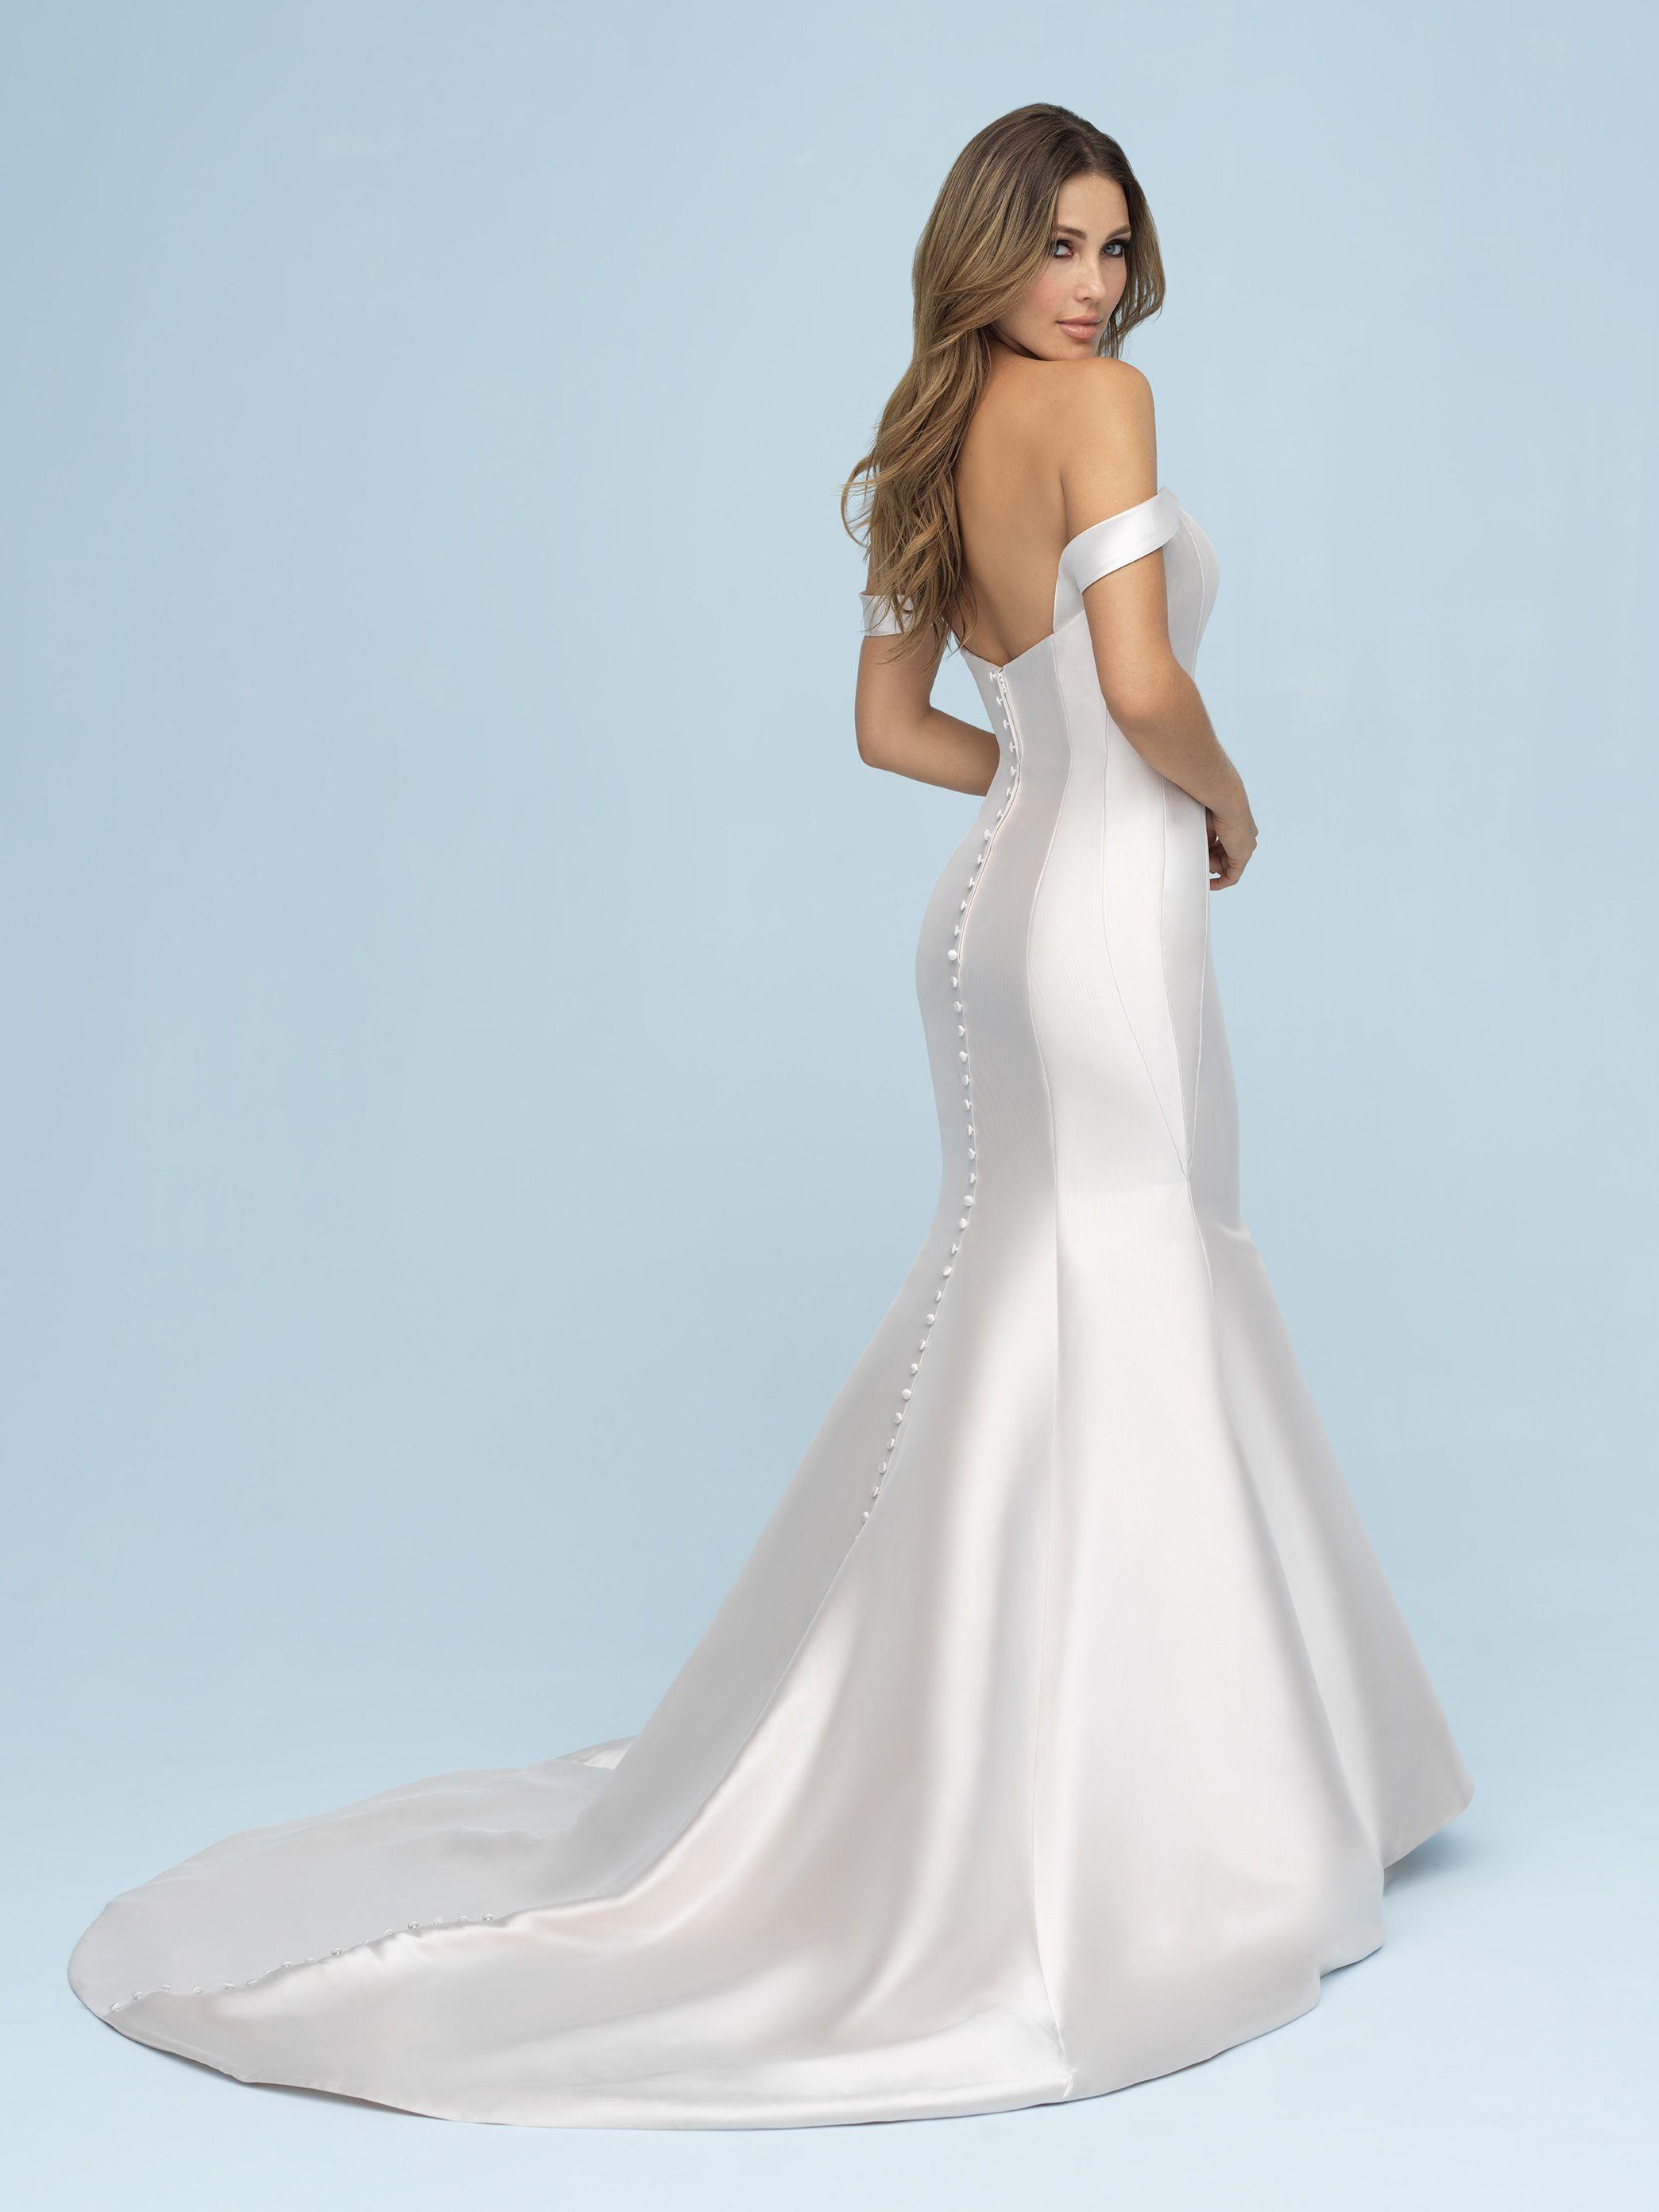 Pin By Gracyn Elizabeth Bride On Simple Silhouettes Allure Wedding Dresses Allure Bridal Mikado Wedding Dress [ 2784 x 2088 Pixel ]